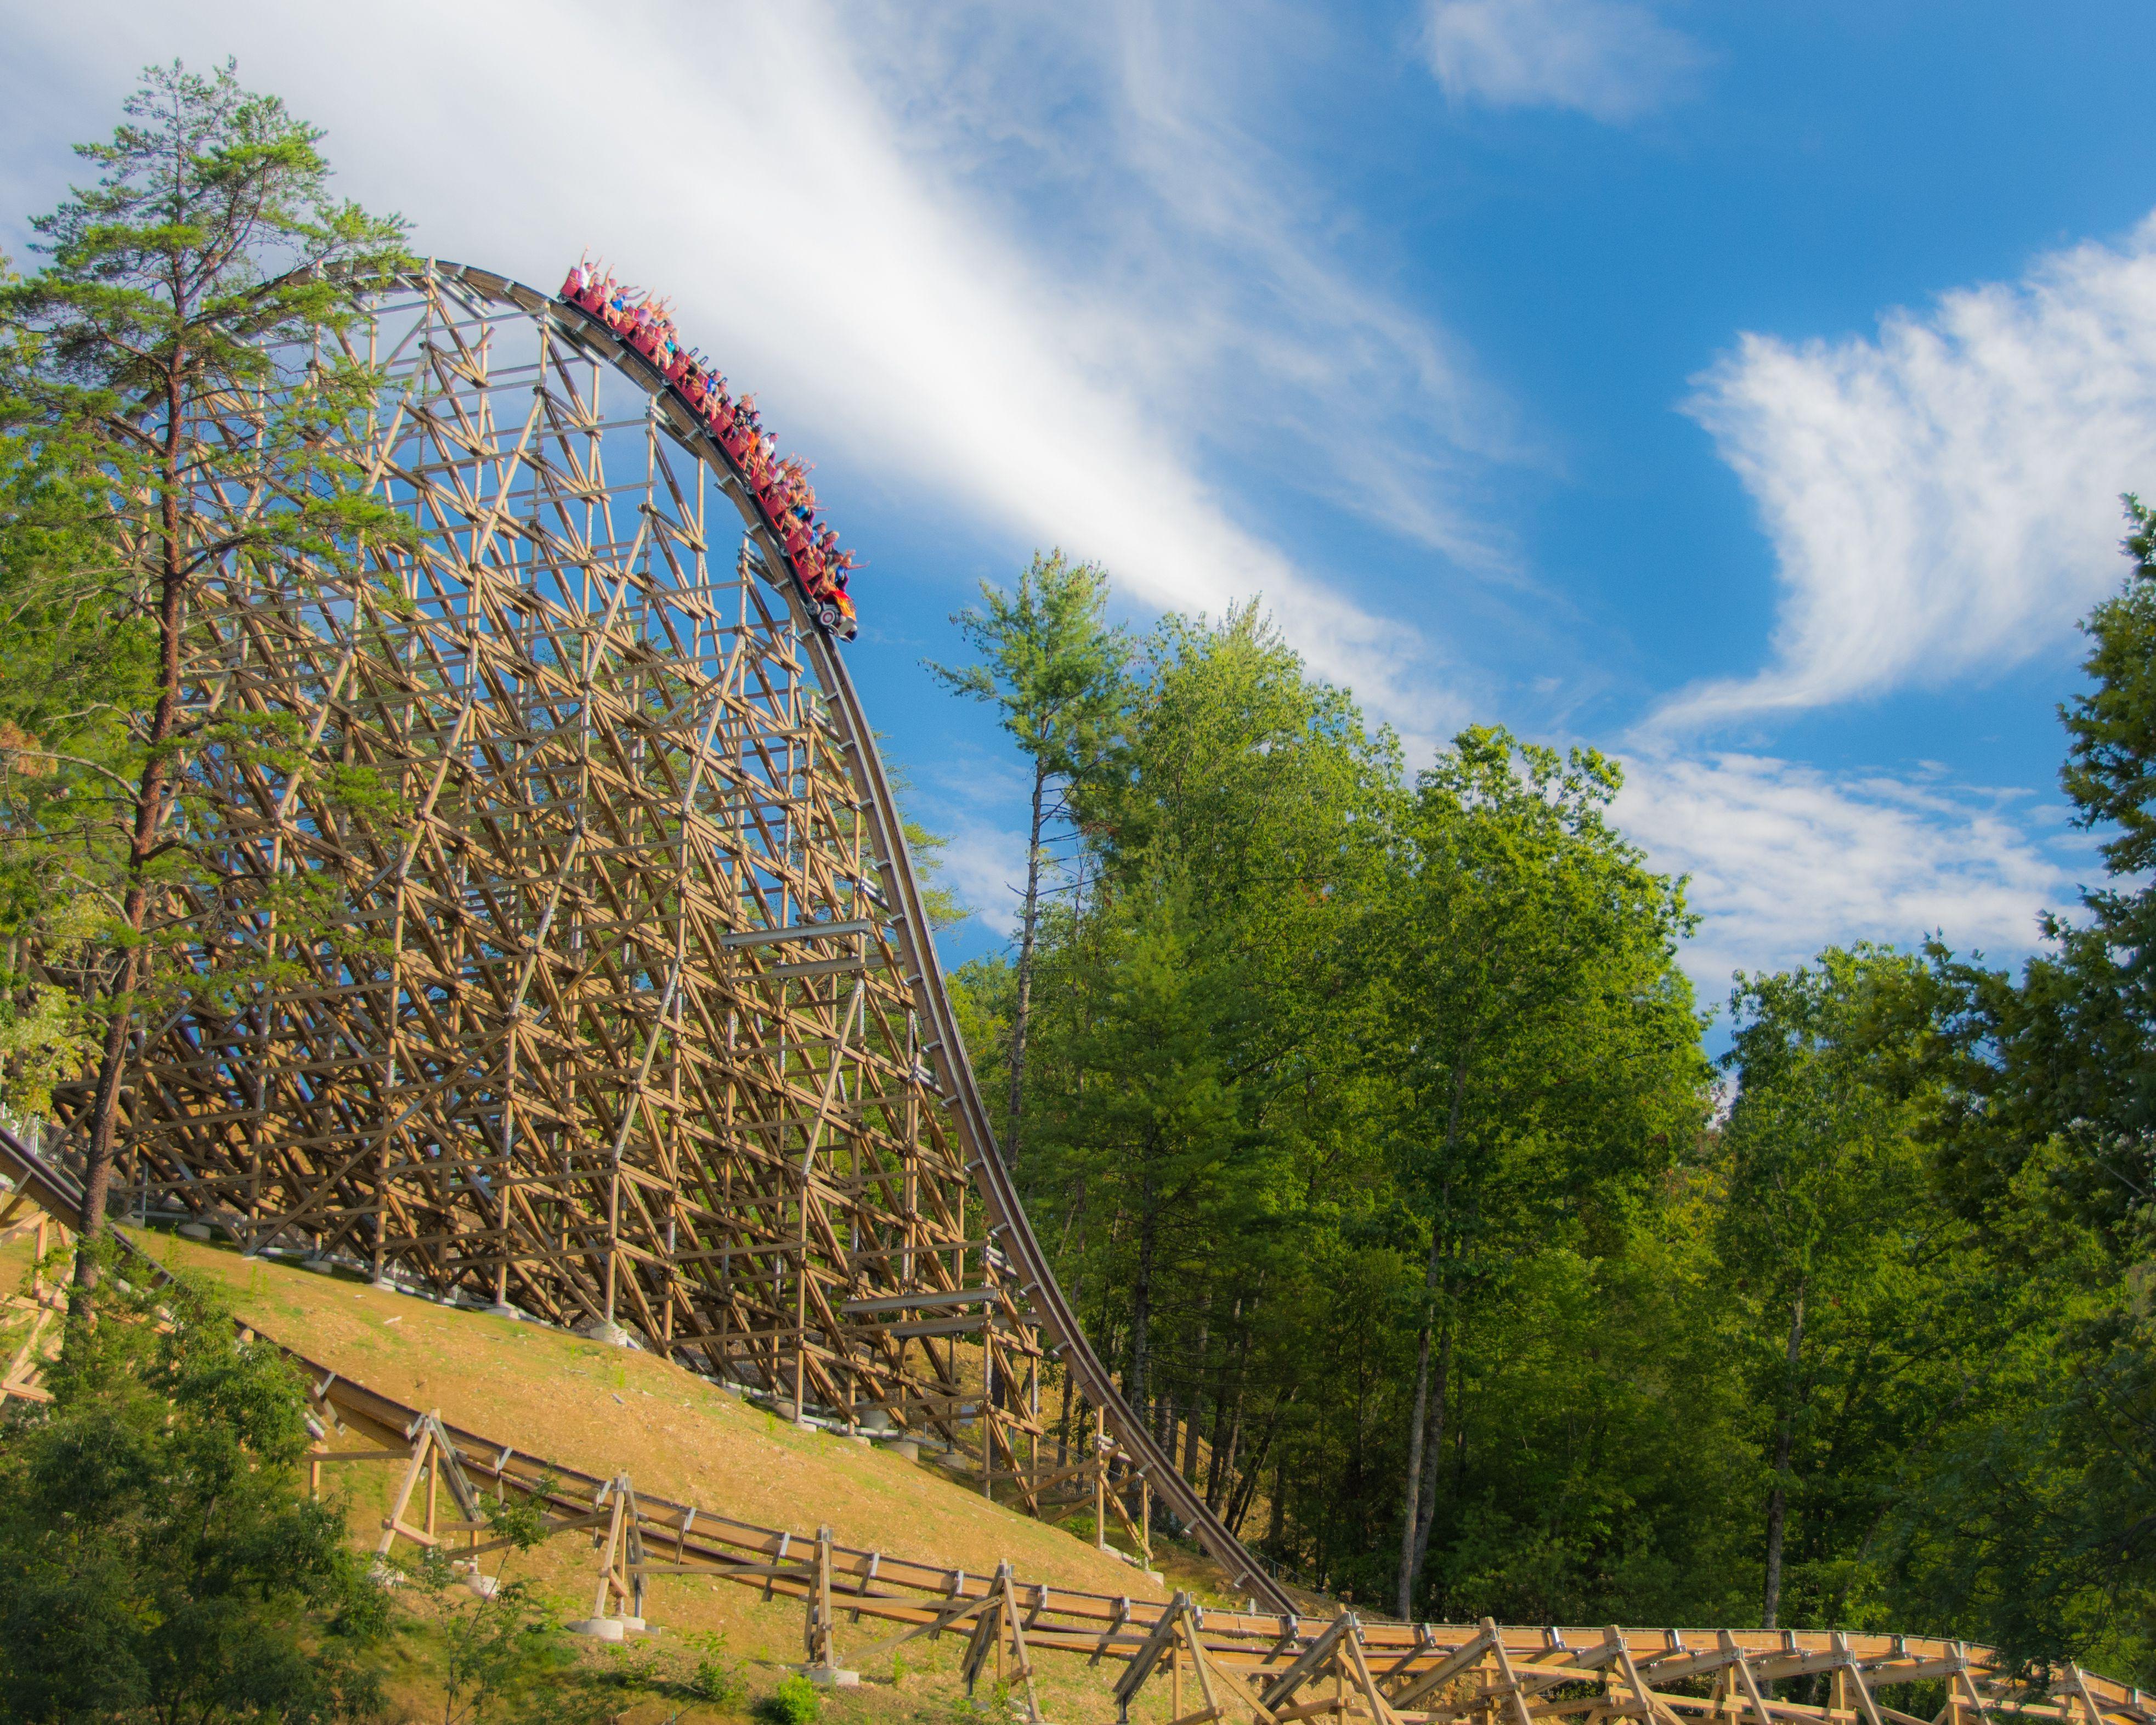 Montaña rusa Lightning Rod en Dollywood